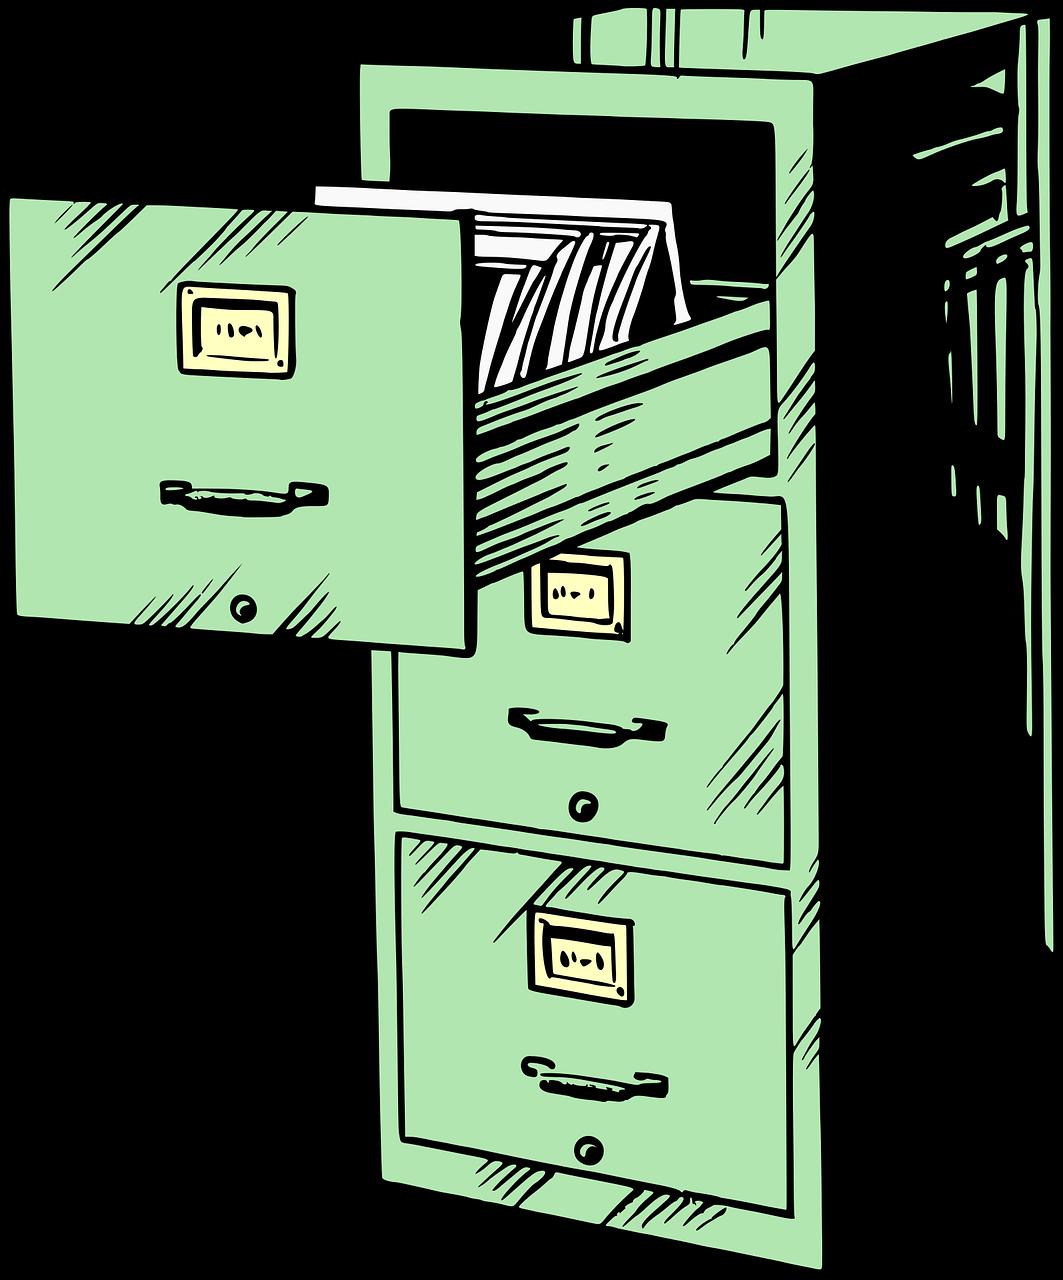 Grüner Aktenschrank, bei dem die oberste Schublade aufgezogen ist.